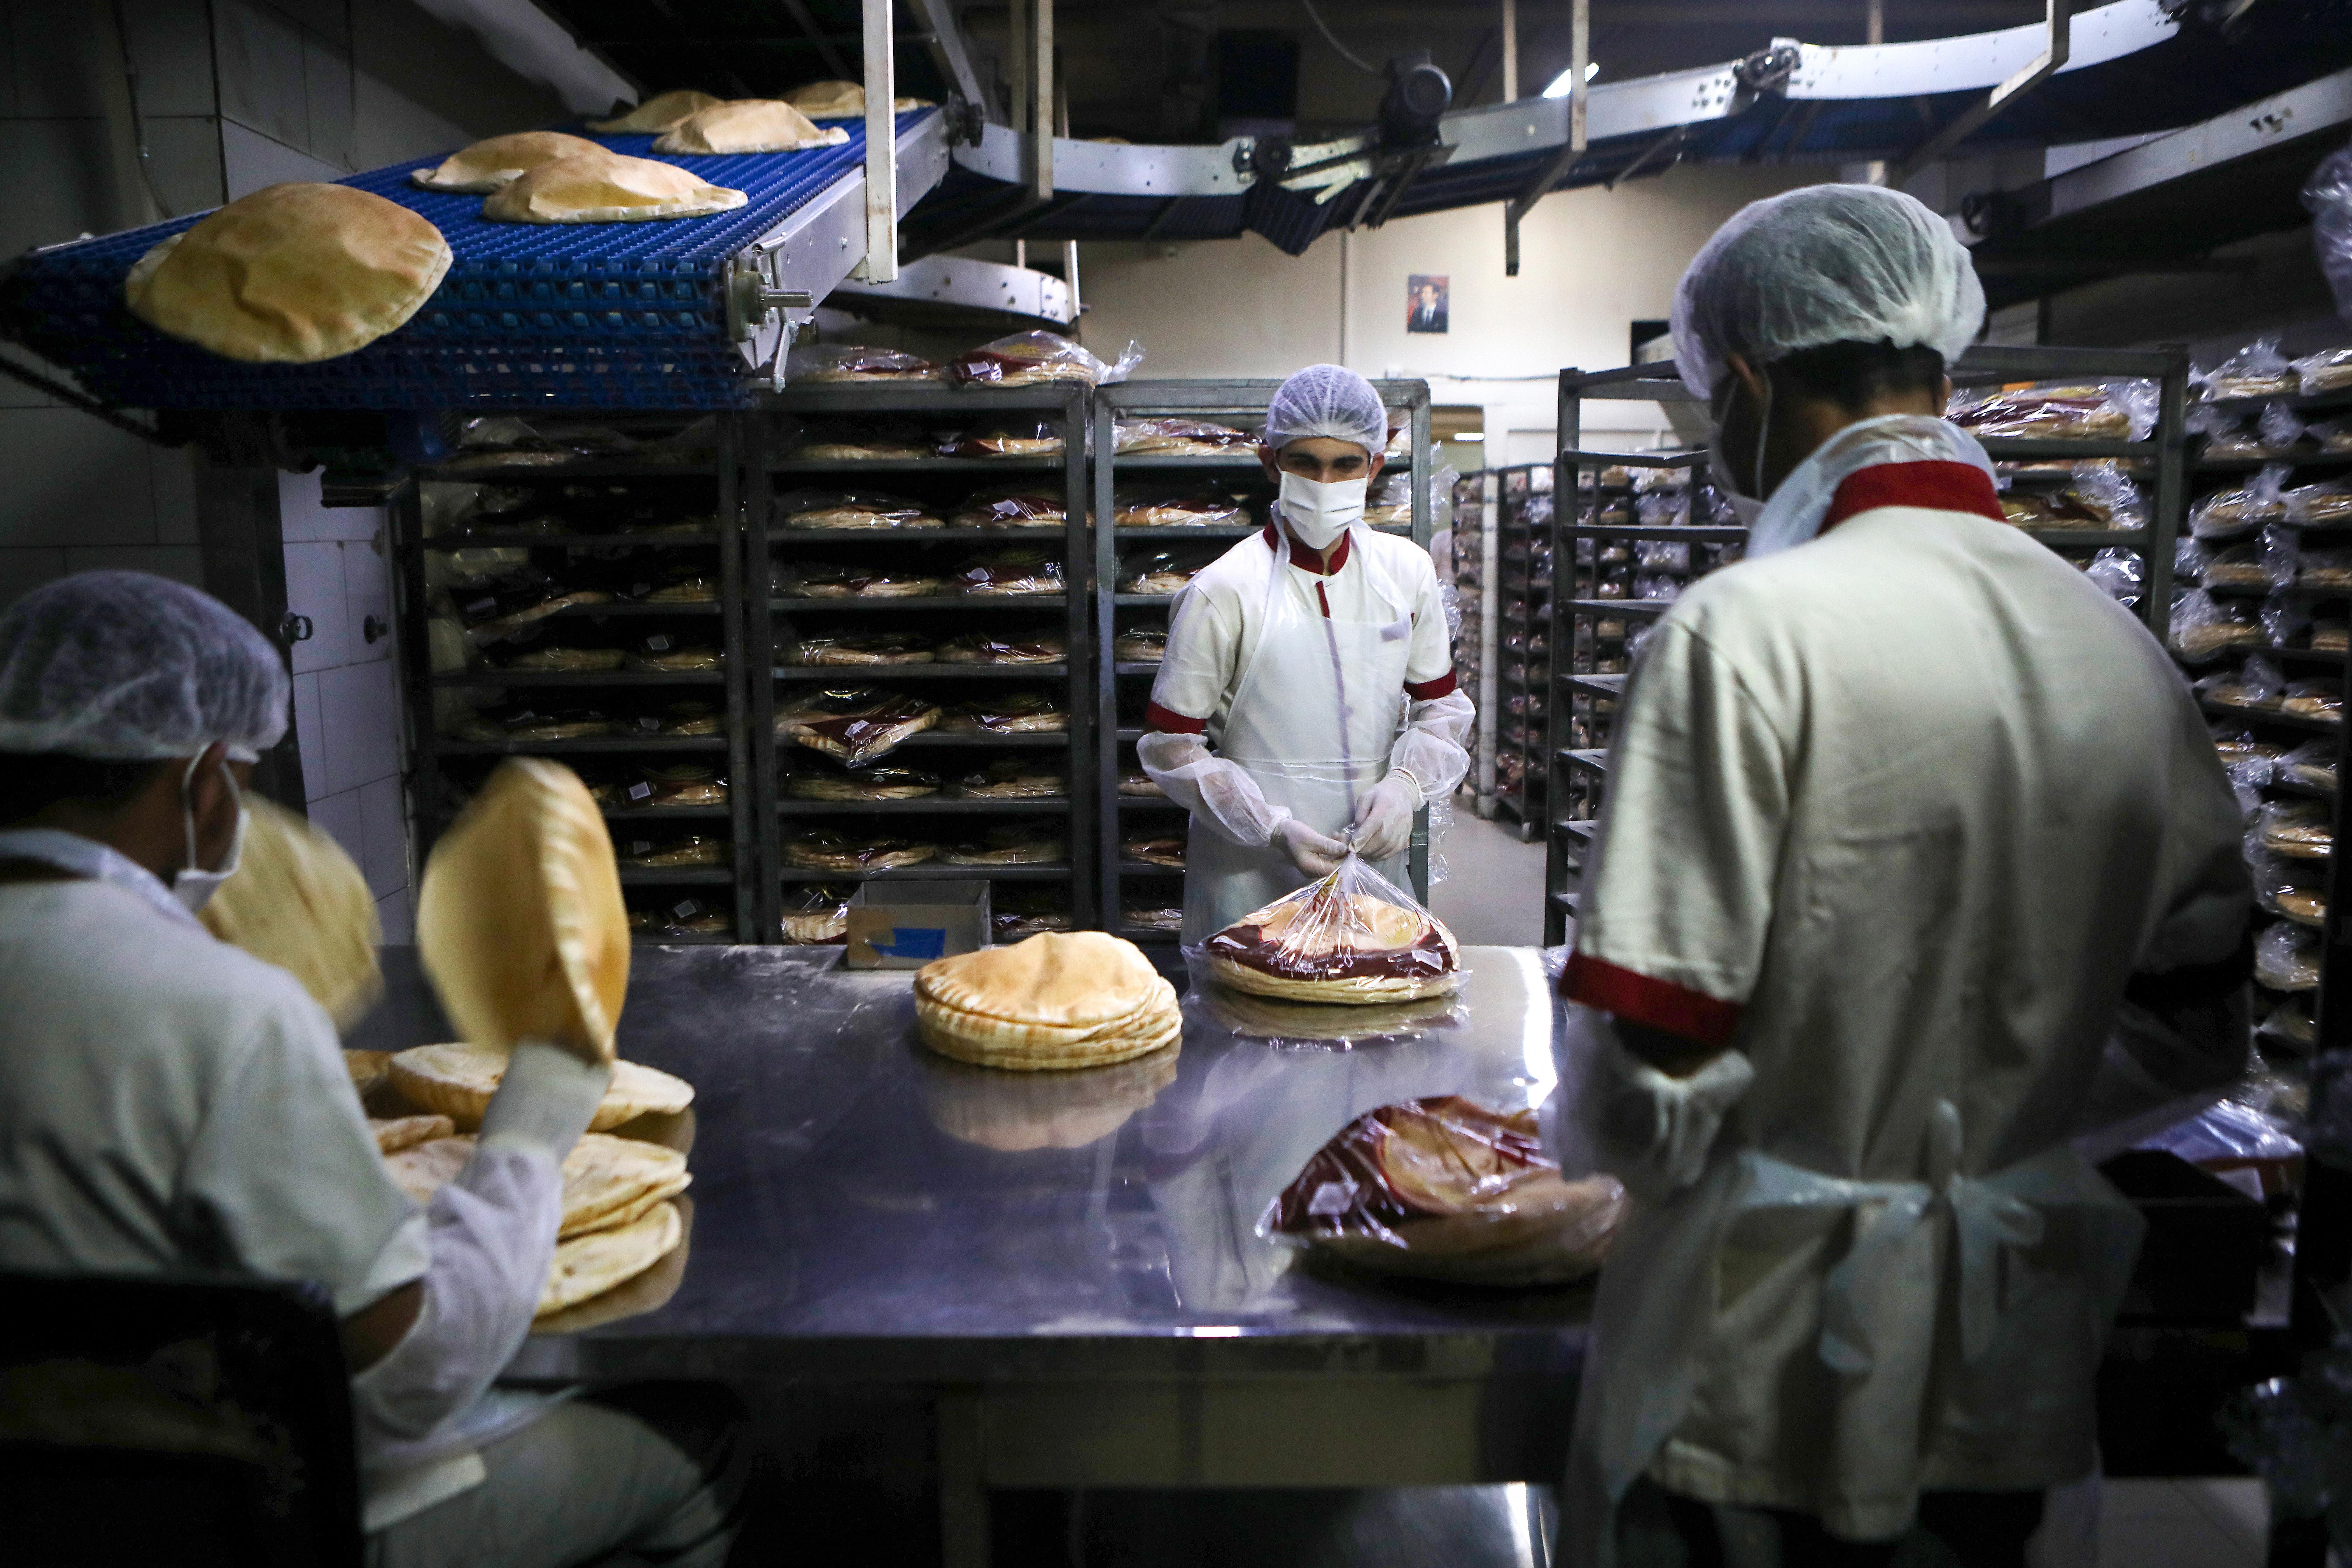 لبنان يرفع سعر الخبز المدعوم للمرة الثالثة خلال أشهر وسط أزمة اقتصادية طاحنة